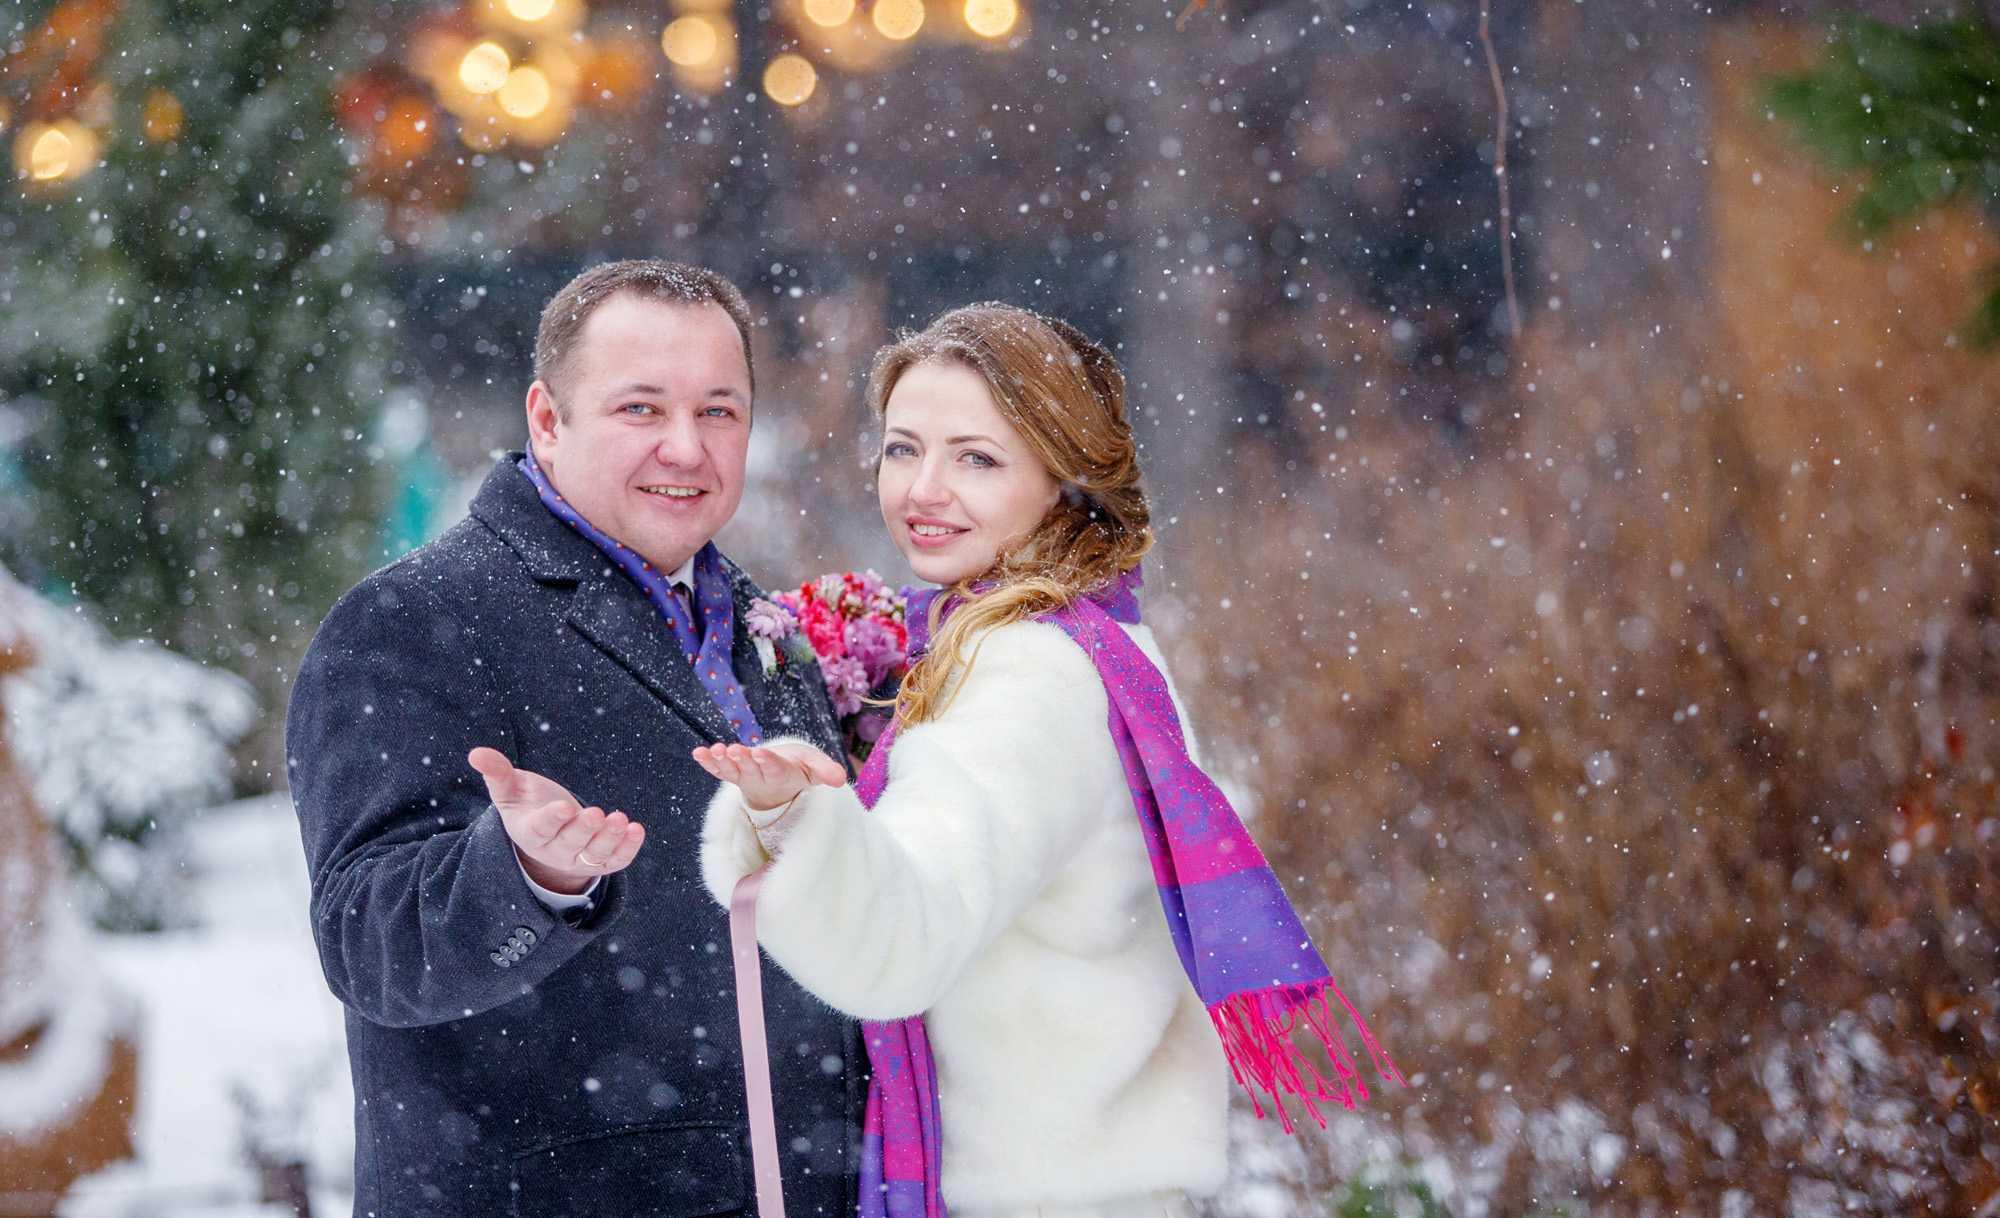 Свадьба зимой | фотограф на свадьбу зимой